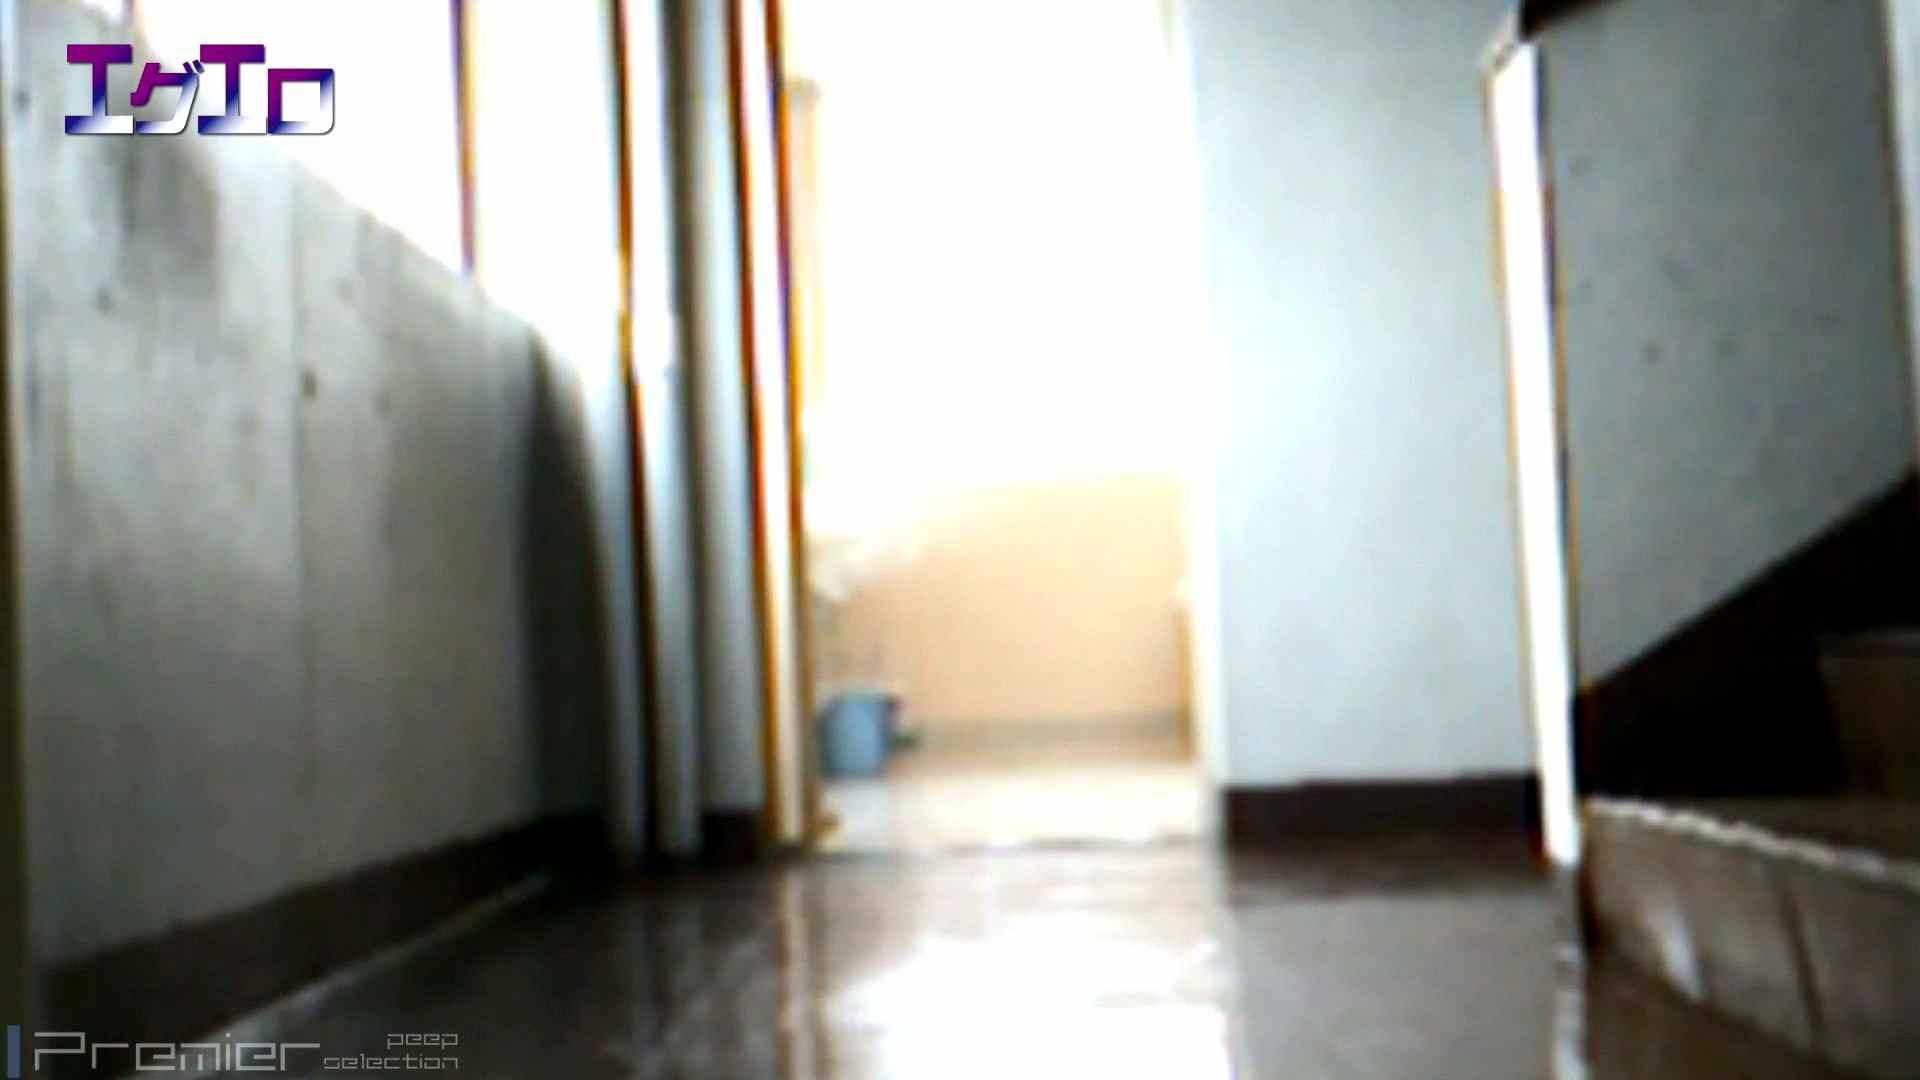 至近距離洗面所 Vol.09夏ギャルキタ~和式トイレ放nyoショー ギャル盗撮映像 性交動画流出 80PIX 17